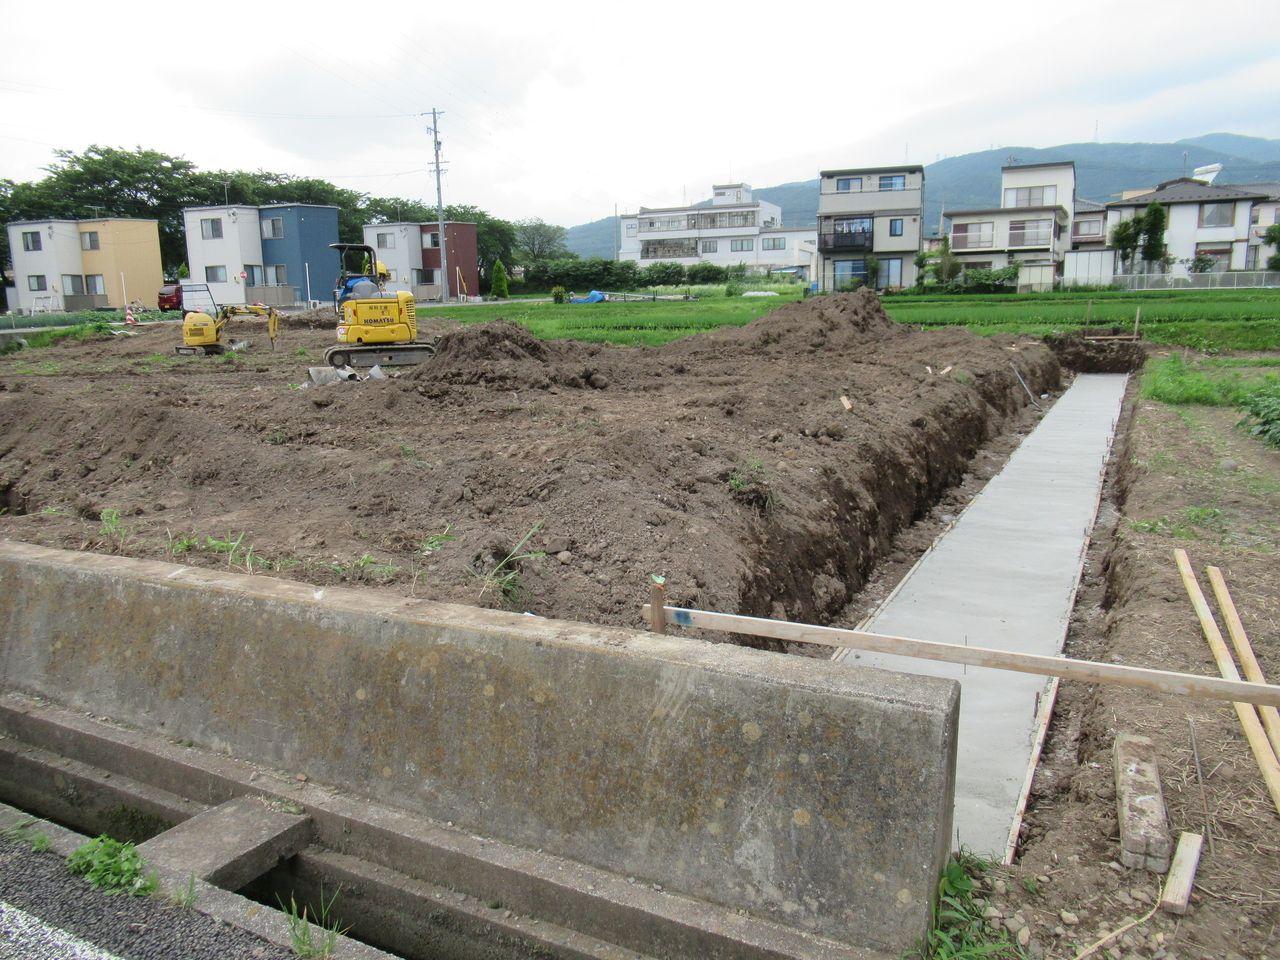 手前に見えるコンクリートの土留めは岡谷市所有の構造物です。出入口となる4m分しか壊すことが出来ないのでここは残します。 東隣とのコンクリート擁壁は、北側の田んぼの土地から、この市有構造物までの間に設置して、境界トラブルの起きないようしっかりと作ります。